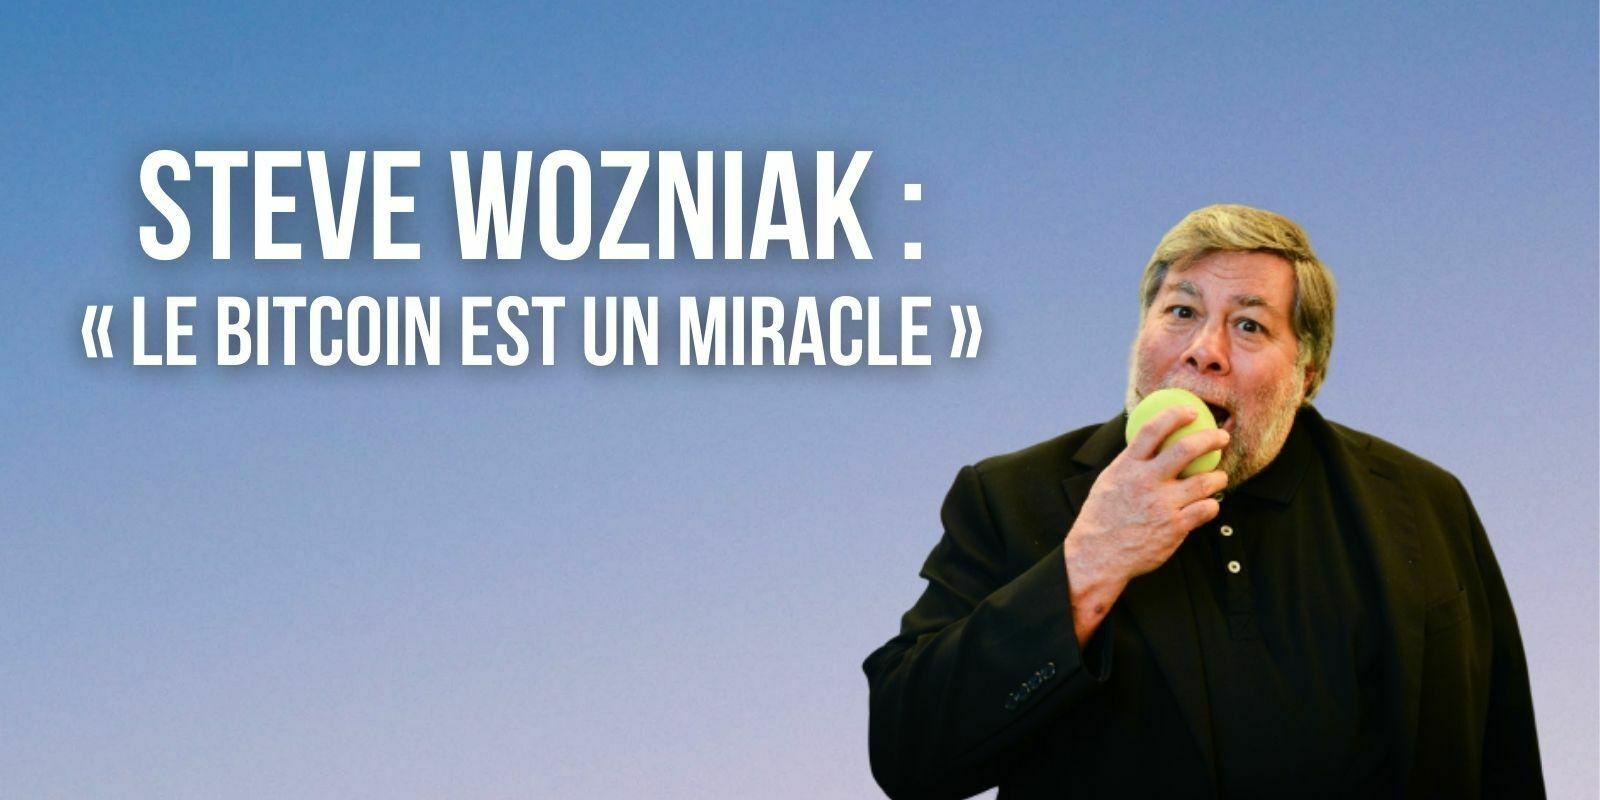 Le Bitcoin (BTC) est un « miracle mathématique » selon Steve Wozniak, cofondateur d'Apple